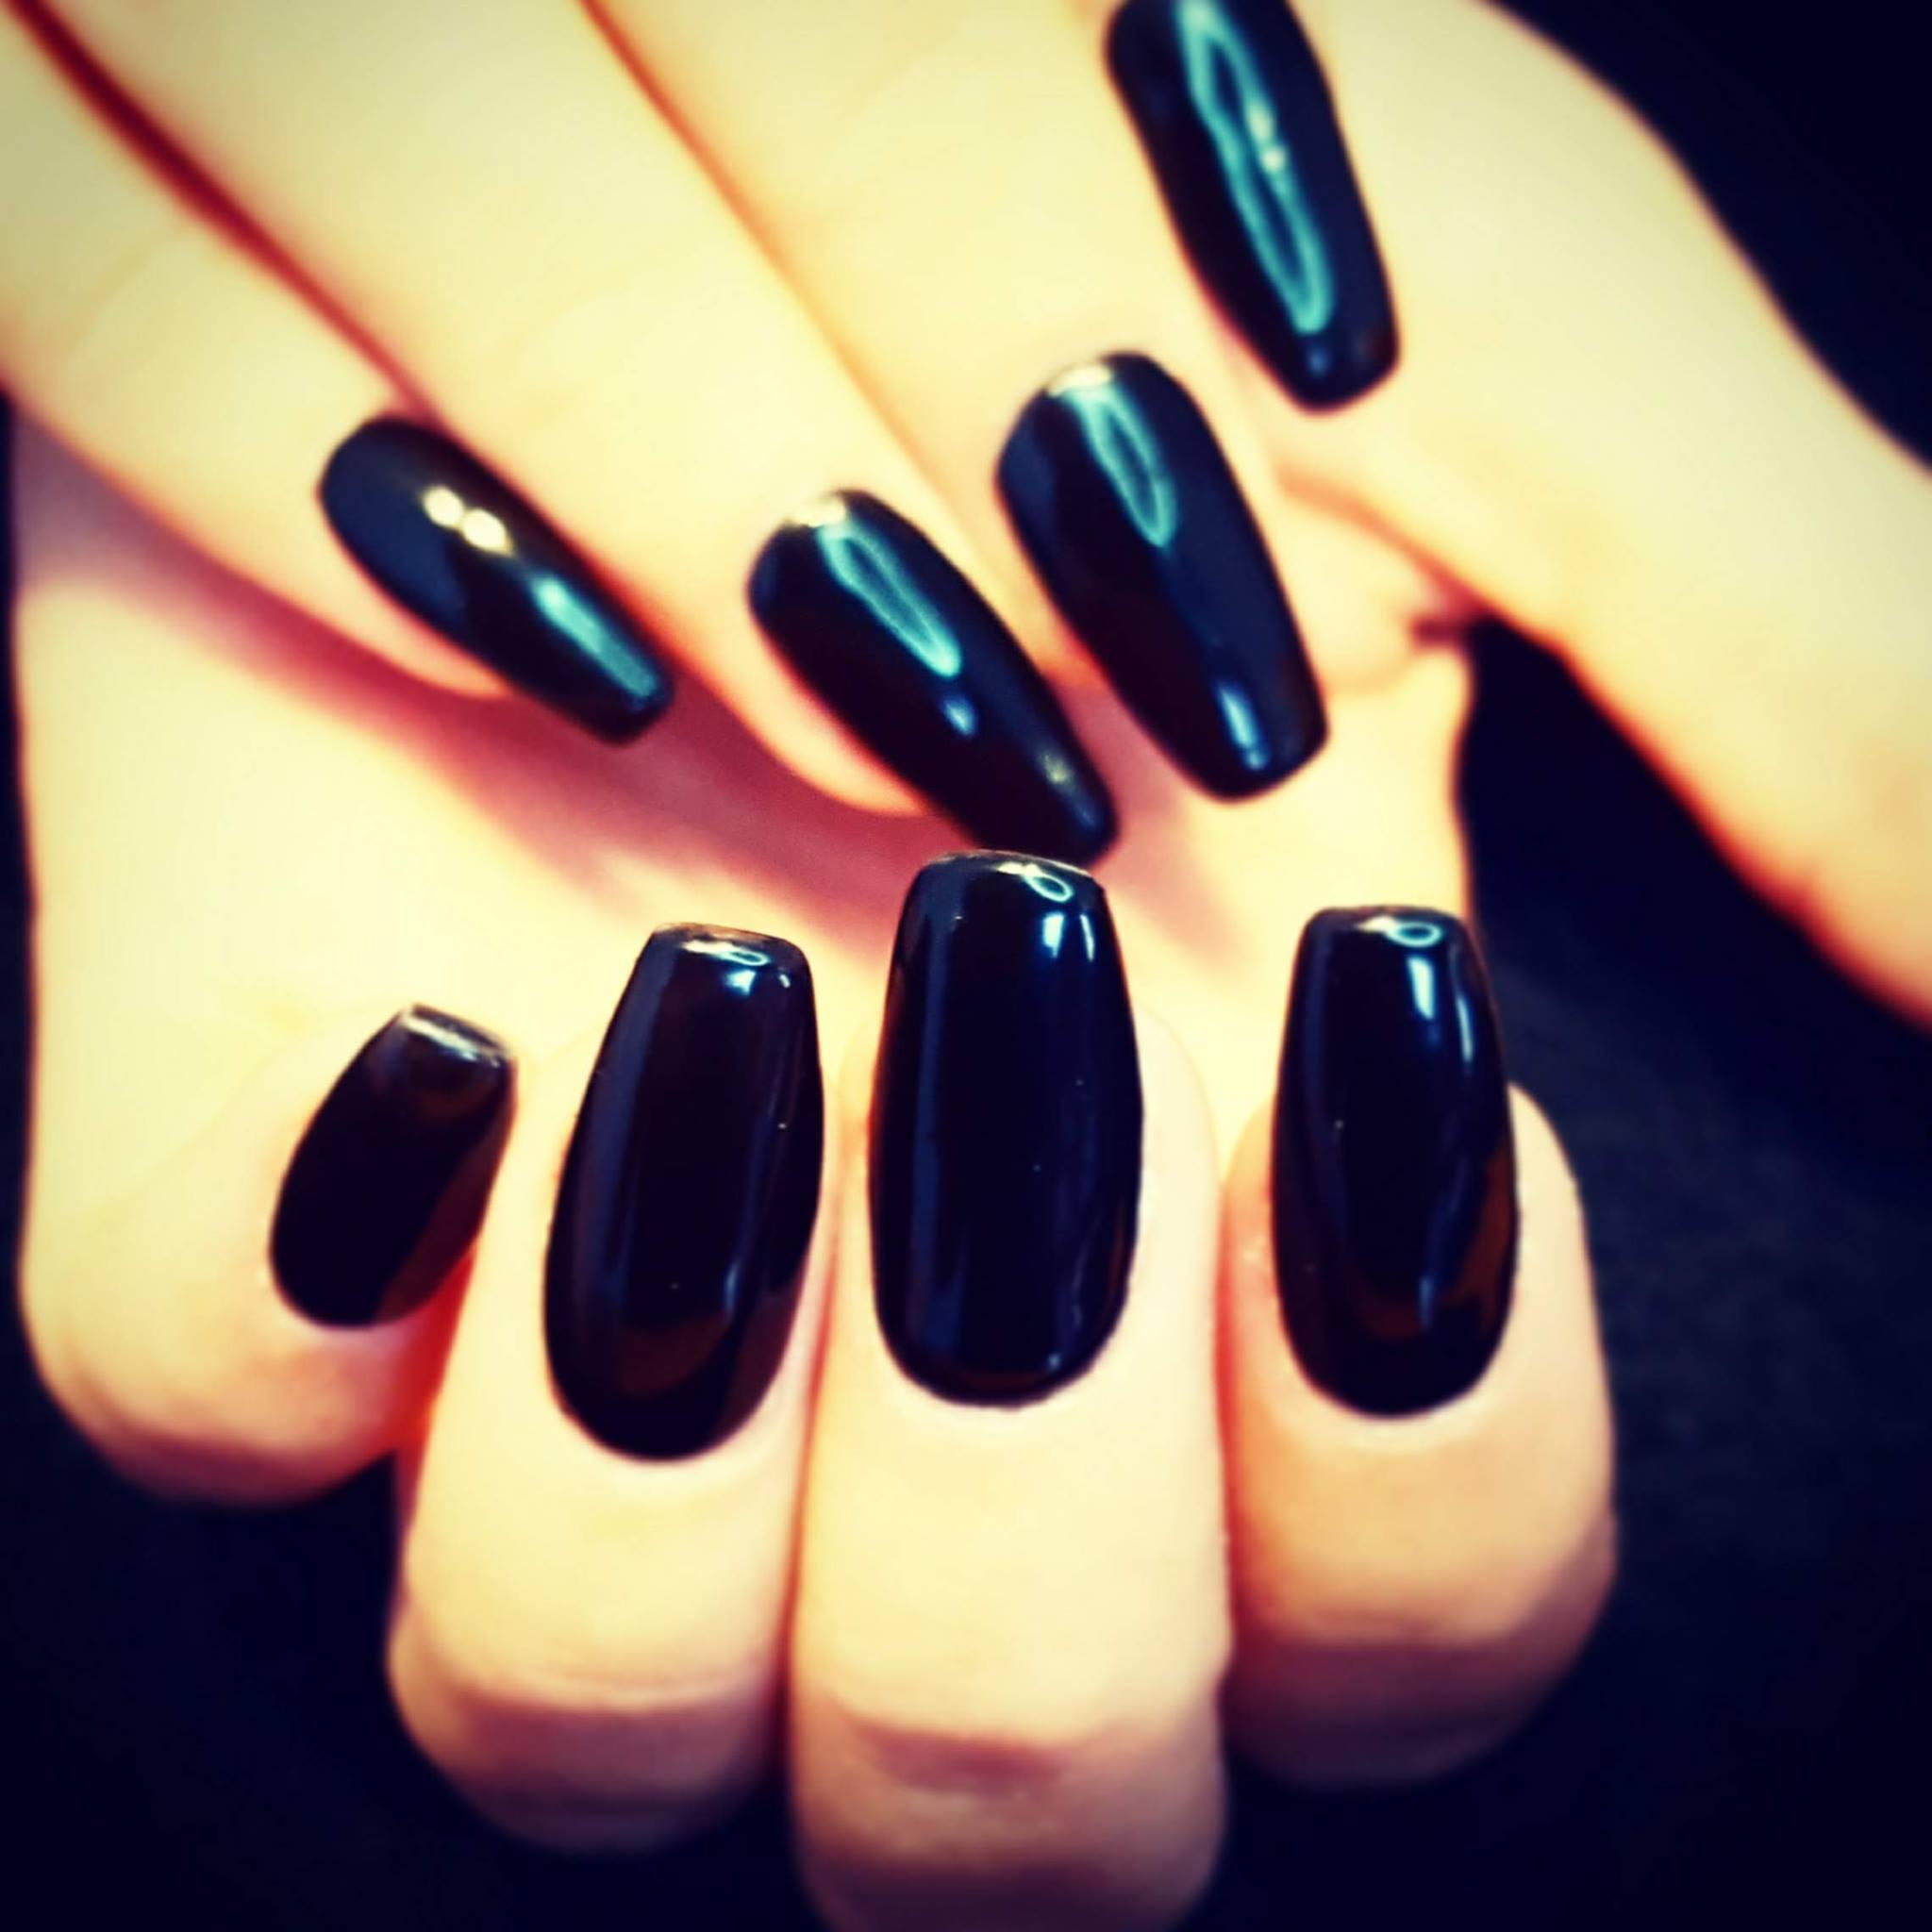 Onyx Black OPI